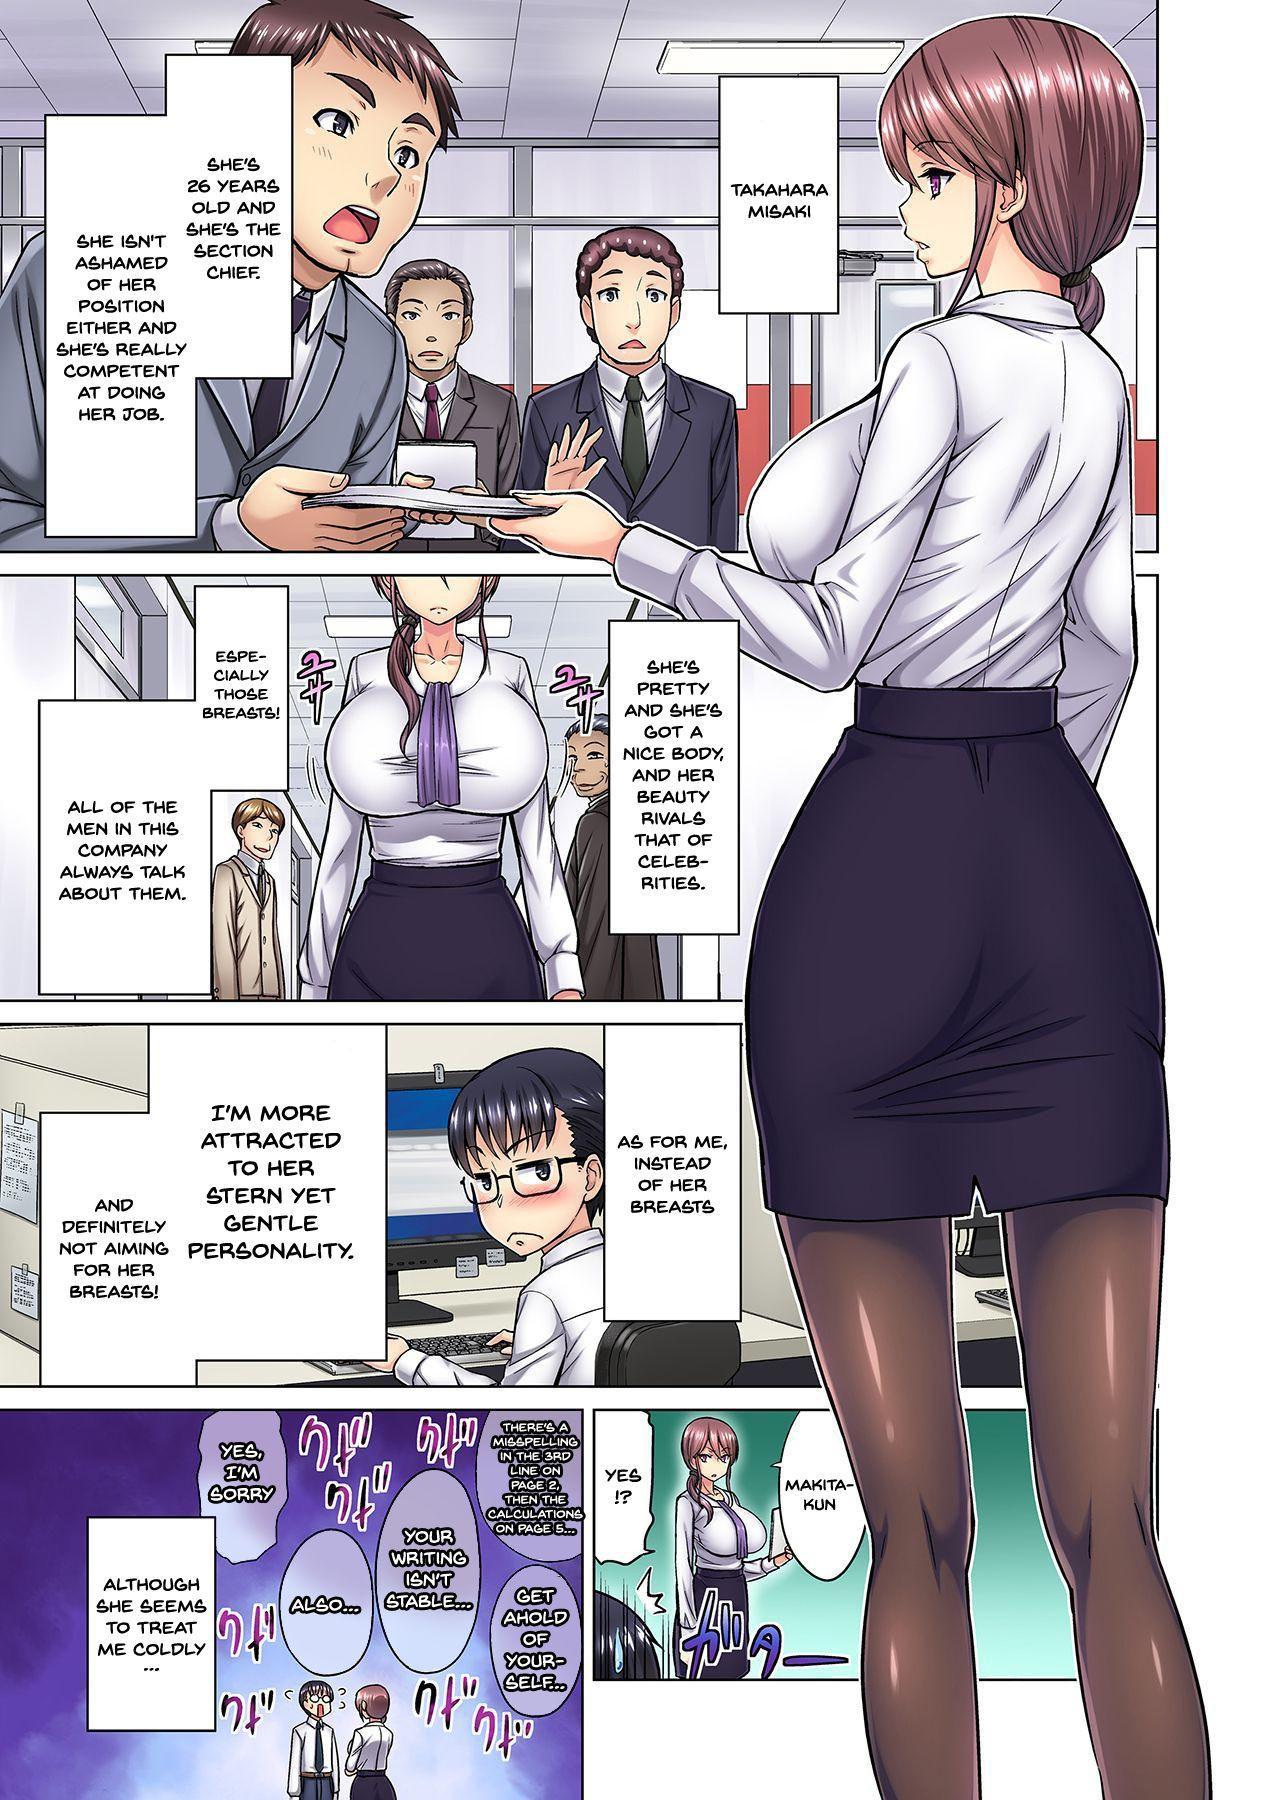 M Onna Joushi to no Sex o Sekai ni Haishin Chuu? Itchau Tokoro ga Haishin Sarechau~! Ch. 1-4 3